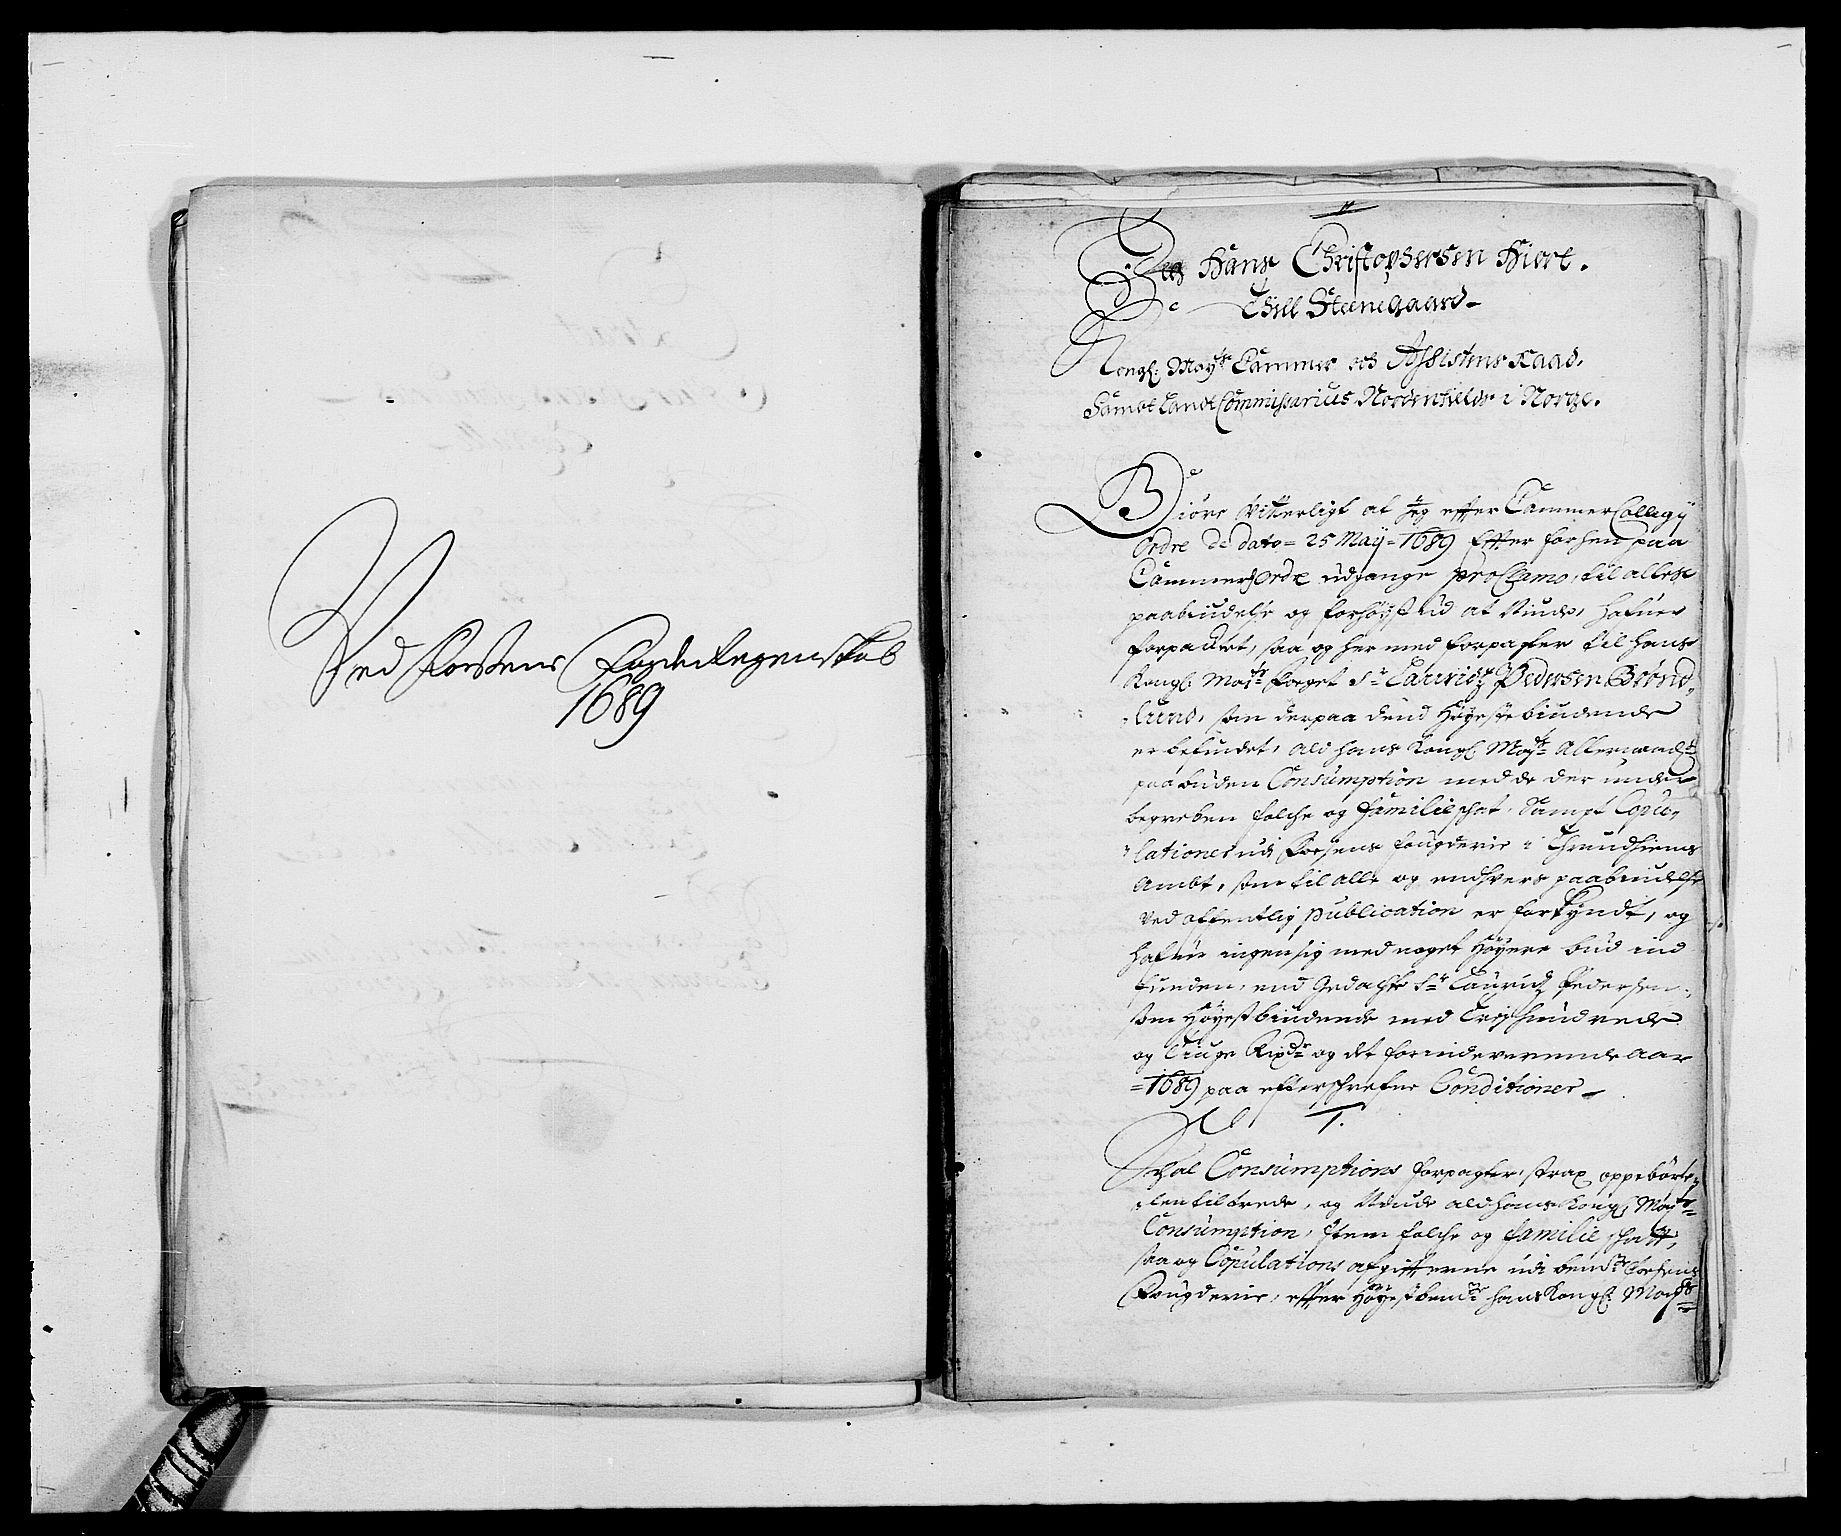 RA, Rentekammeret inntil 1814, Reviderte regnskaper, Fogderegnskap, R57/L3847: Fogderegnskap Fosen, 1689, s. 63